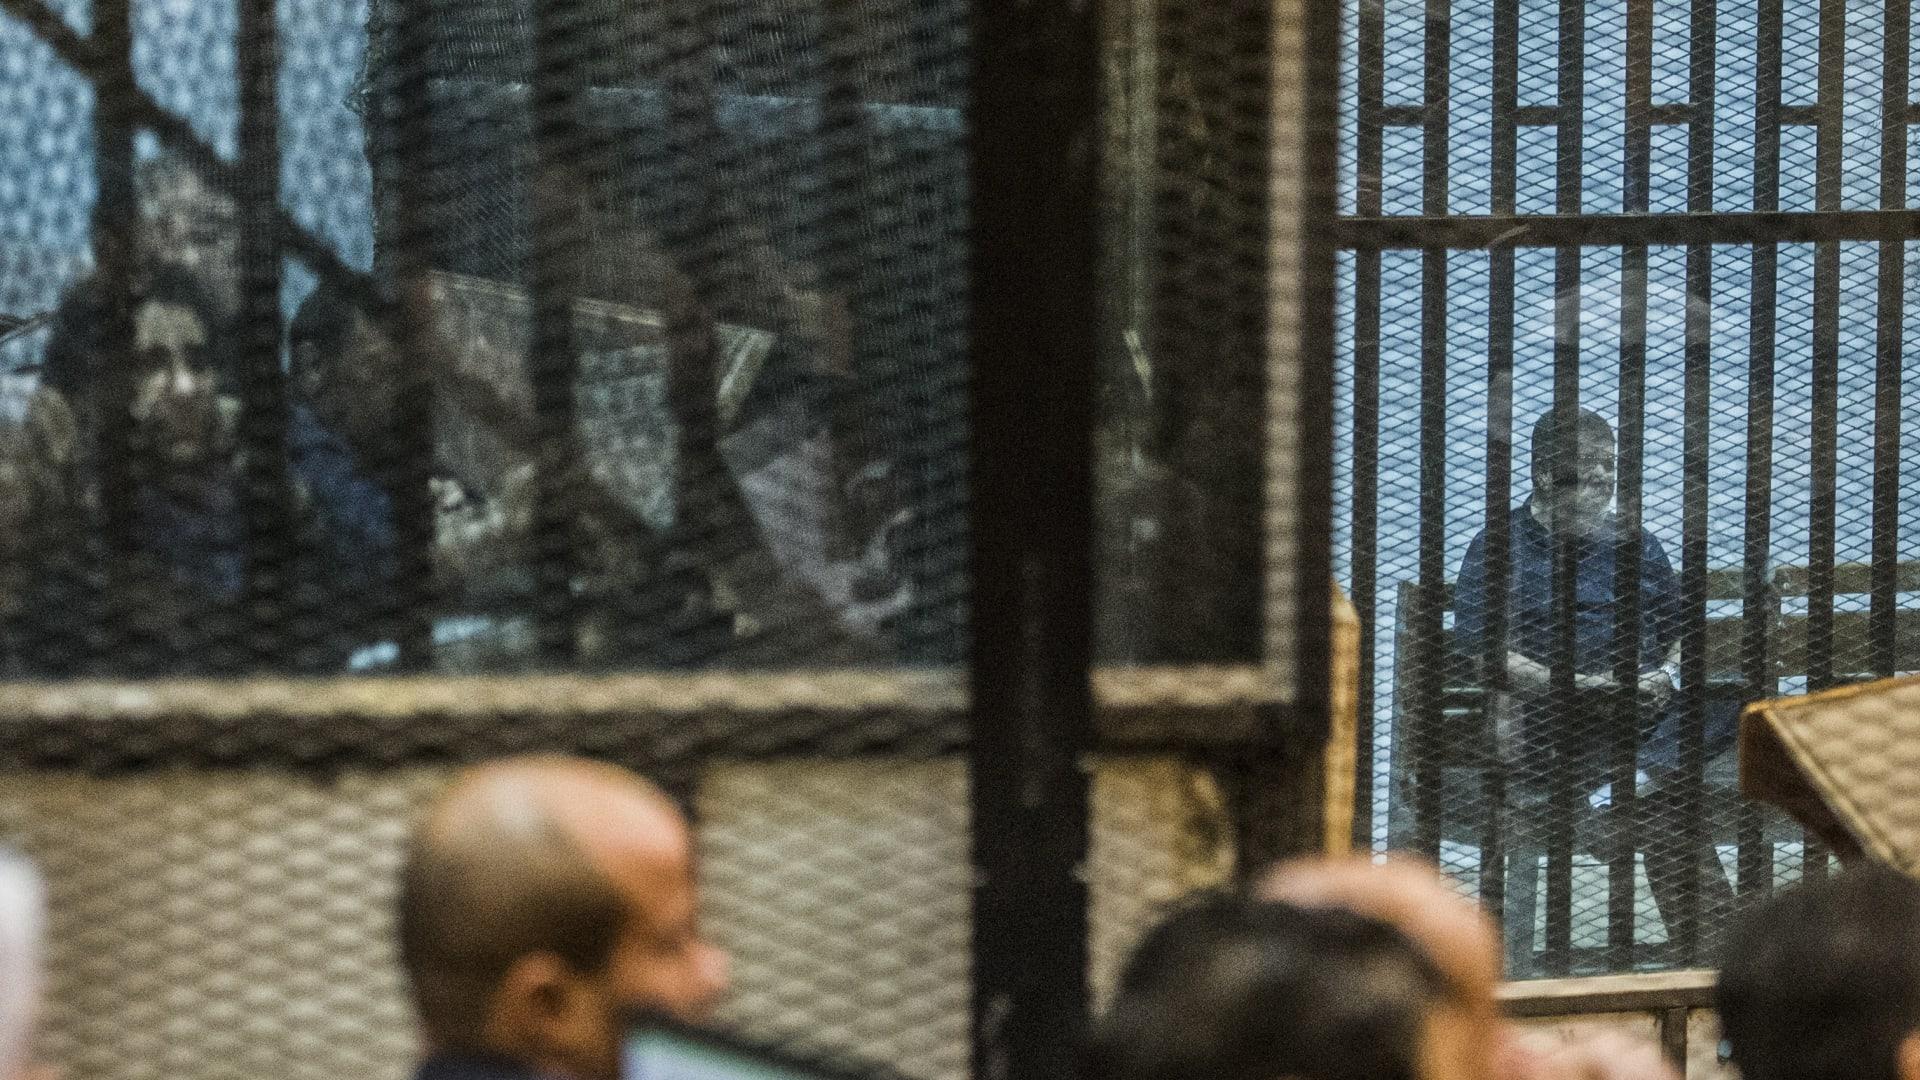 محكمة مصرية تقضي بالتحفظ على أموال ورثة محمد مرسي و89 من قيادات الإخوان المسلمين